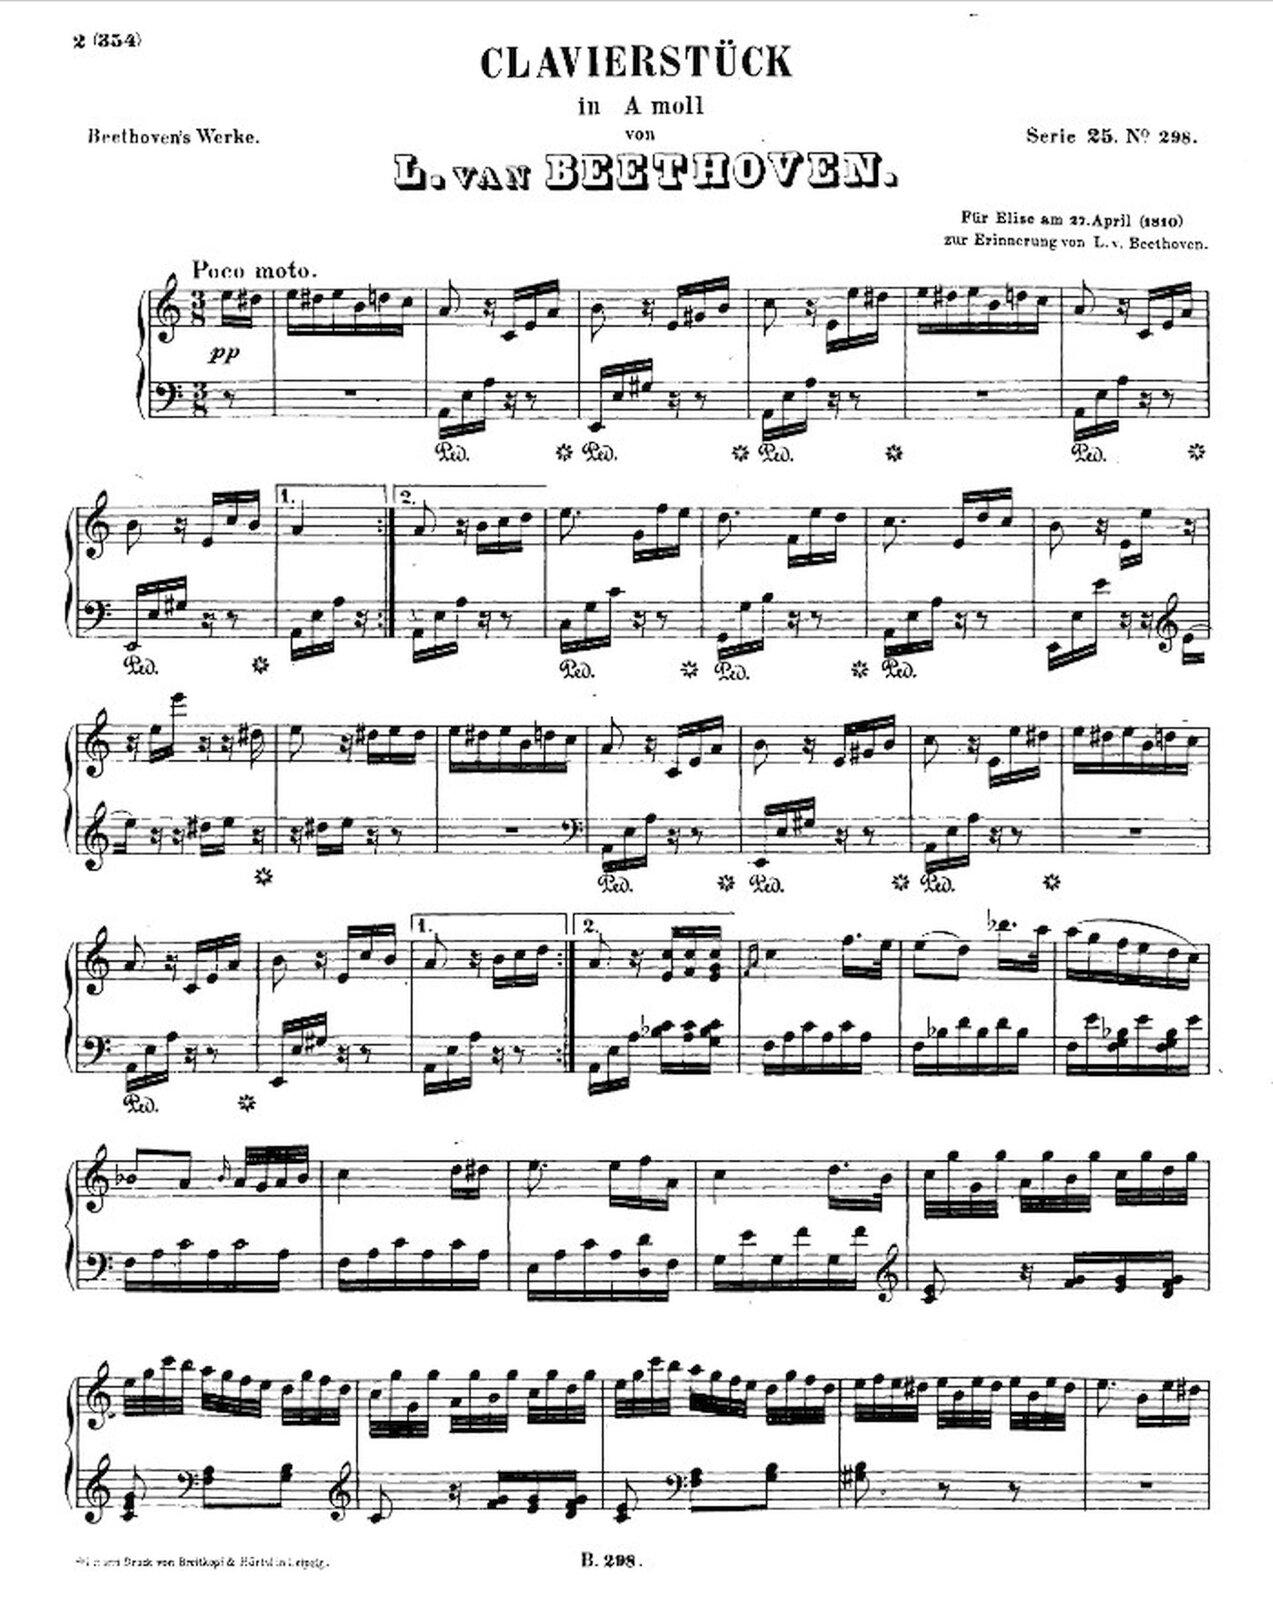 """Zdjęcie przedstawia graficzny utwór muzyczny. Fotografia ukazuje czarną pięciolinię znutami, na białej stronie utworu Ludwig van Beethoven – """"Klavierstück a-moll"""" WoO 59, bagatela """"Dla Elizy""""."""